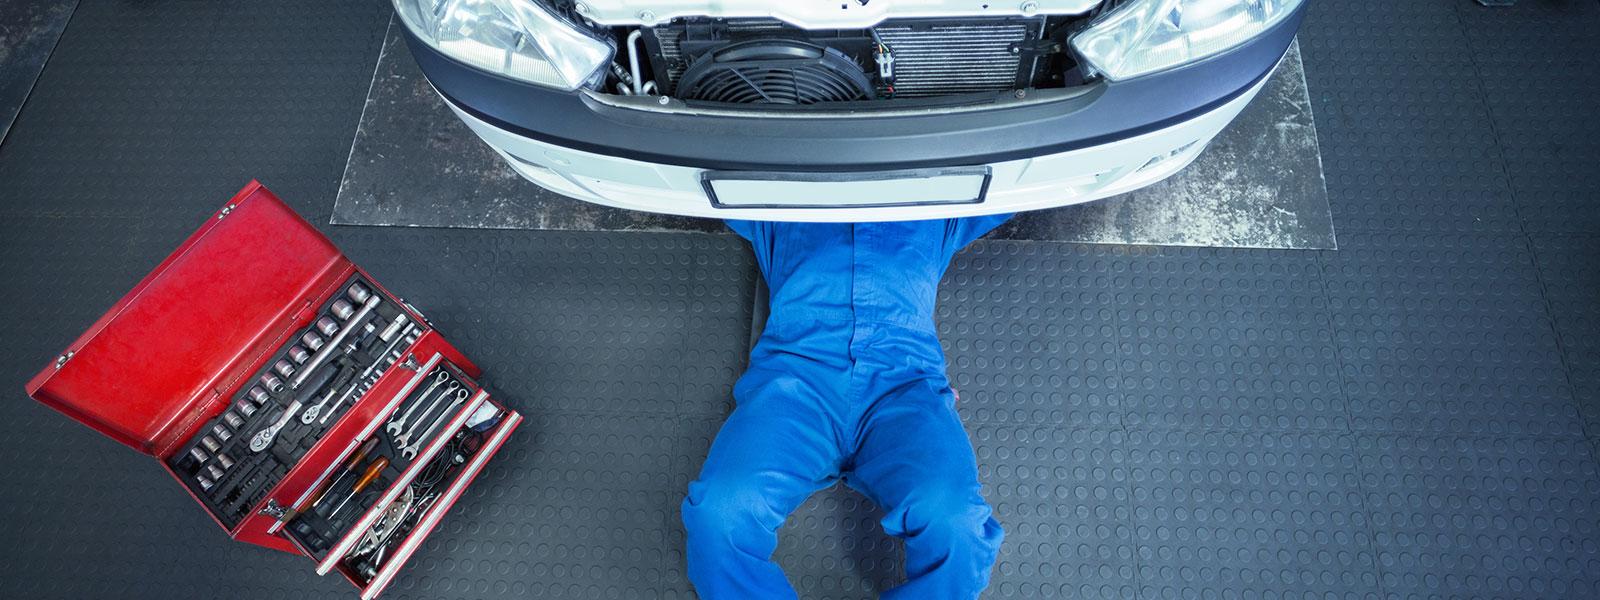 Os 10 carros com as manutenções mais baratas em 2015